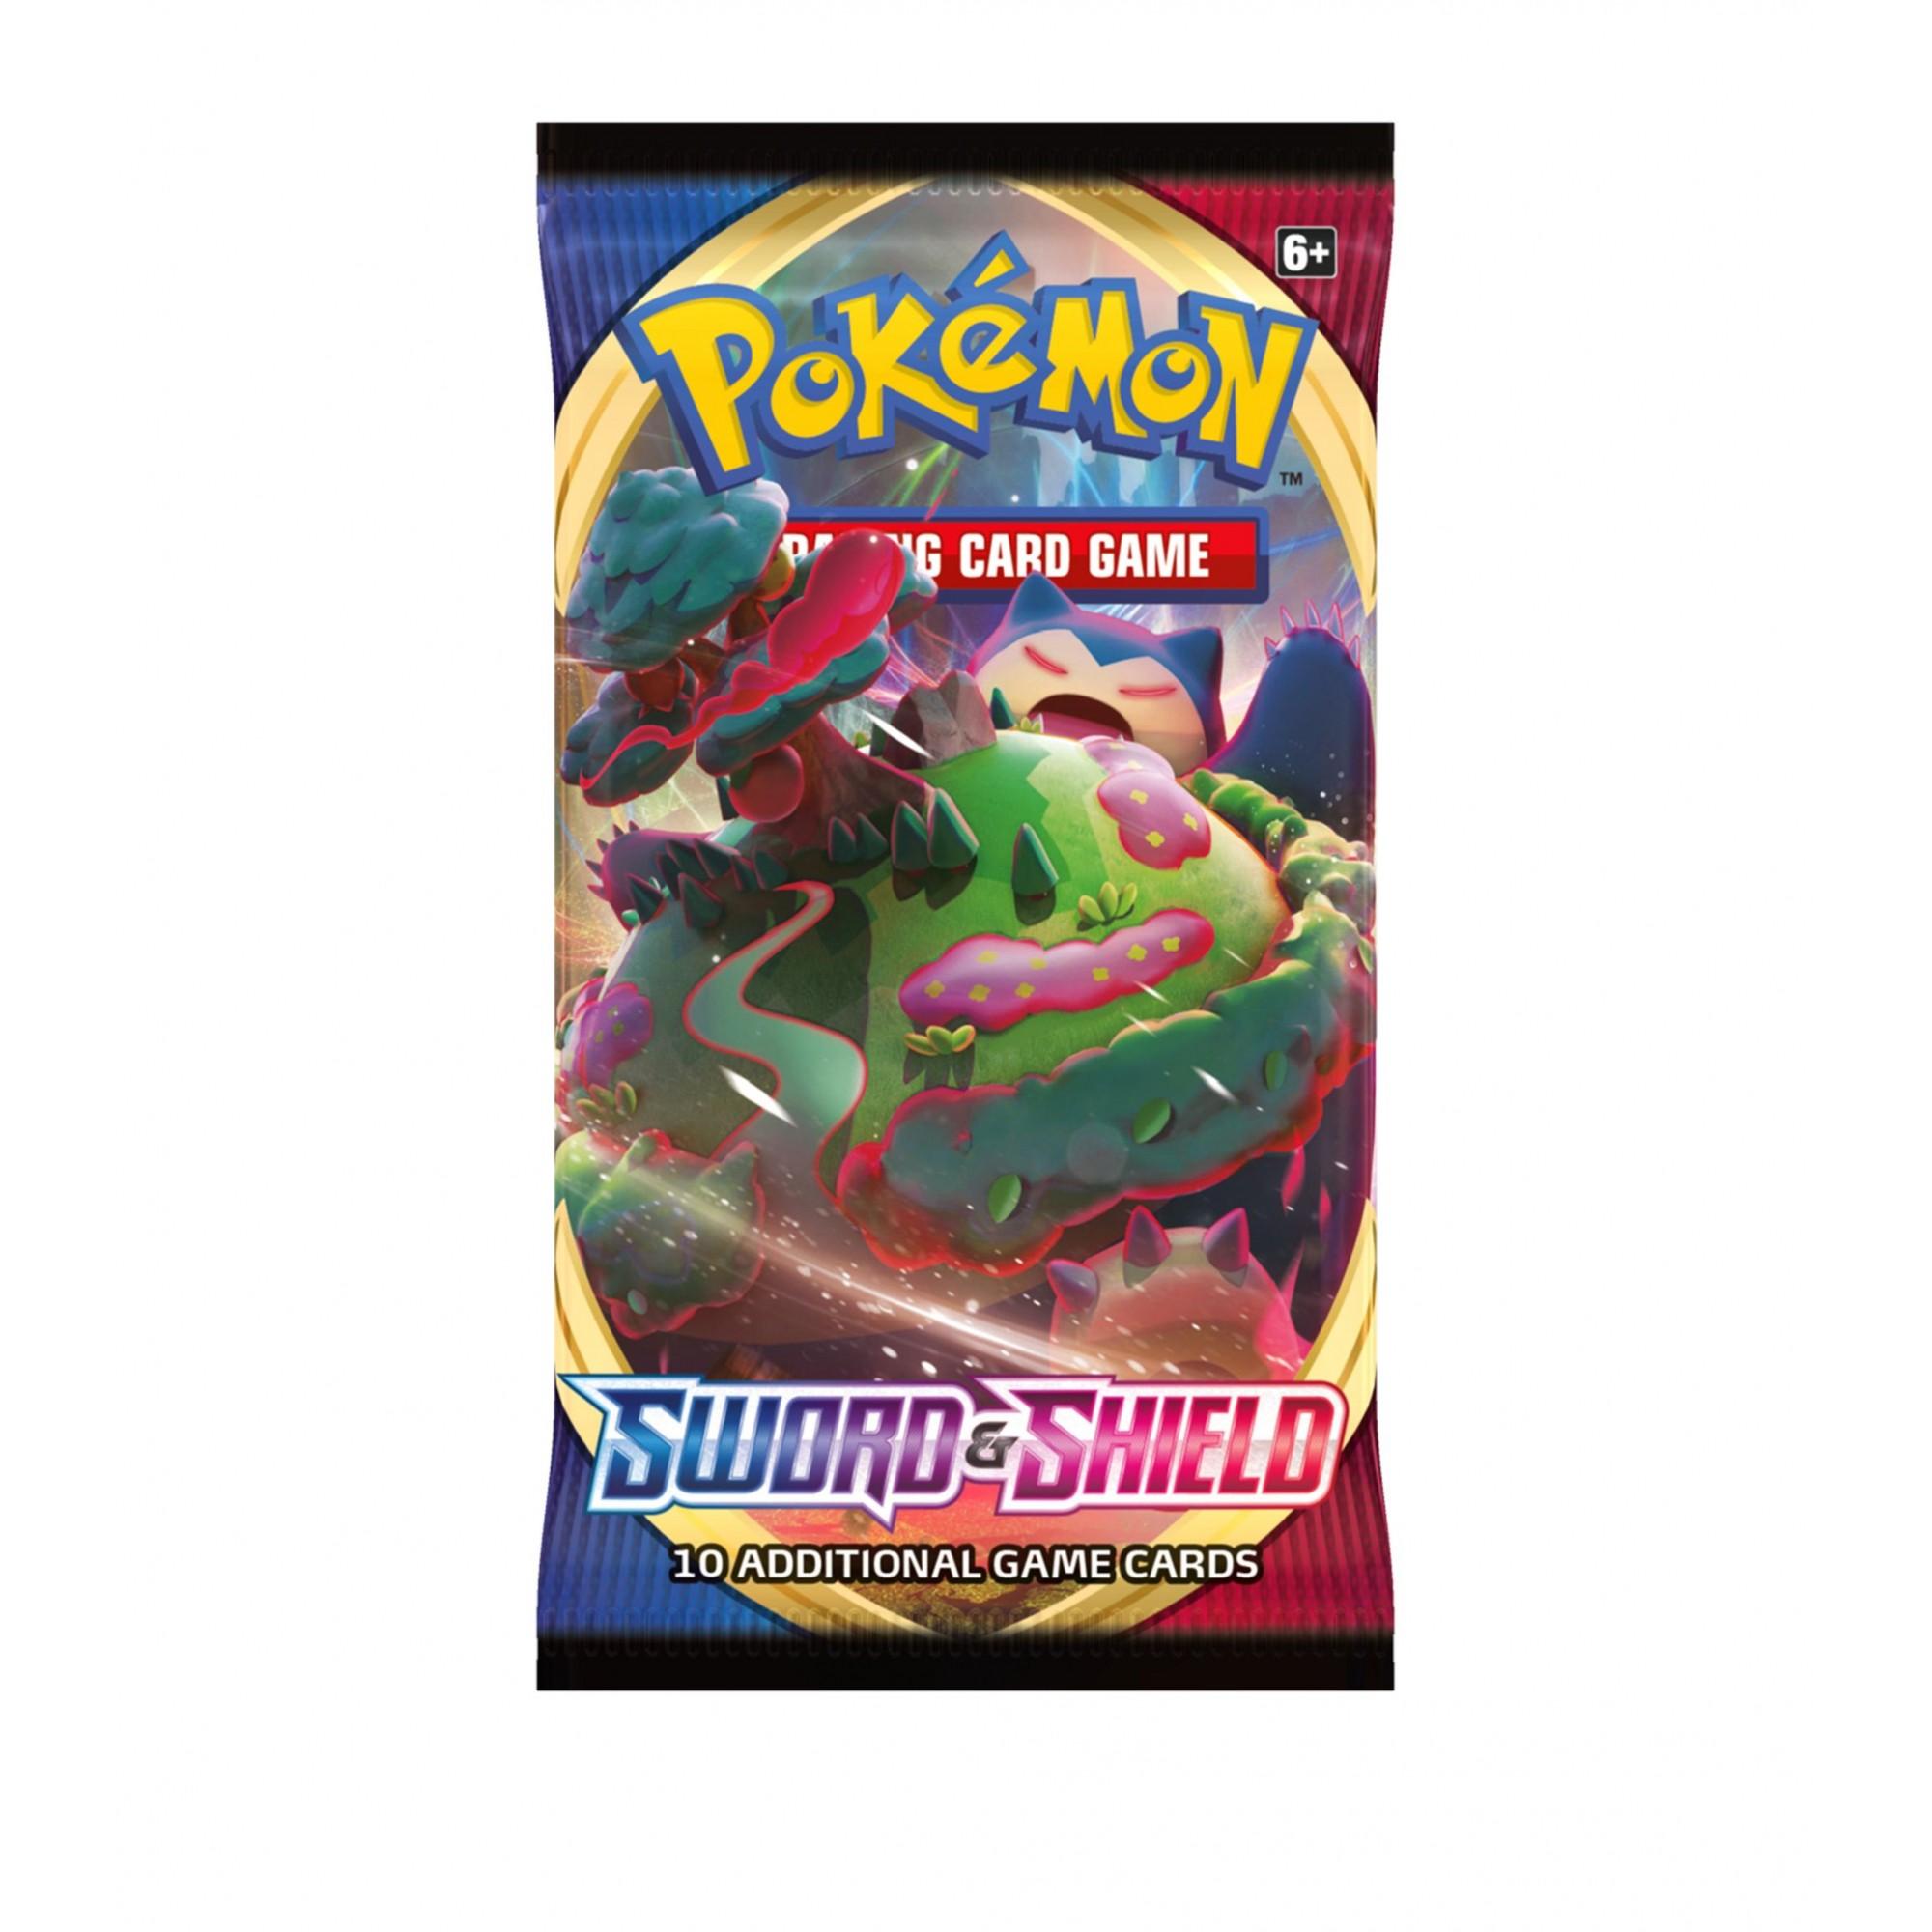 Kit com 2 Blisters Pokémon Espada e Escudo - 12 Cartas